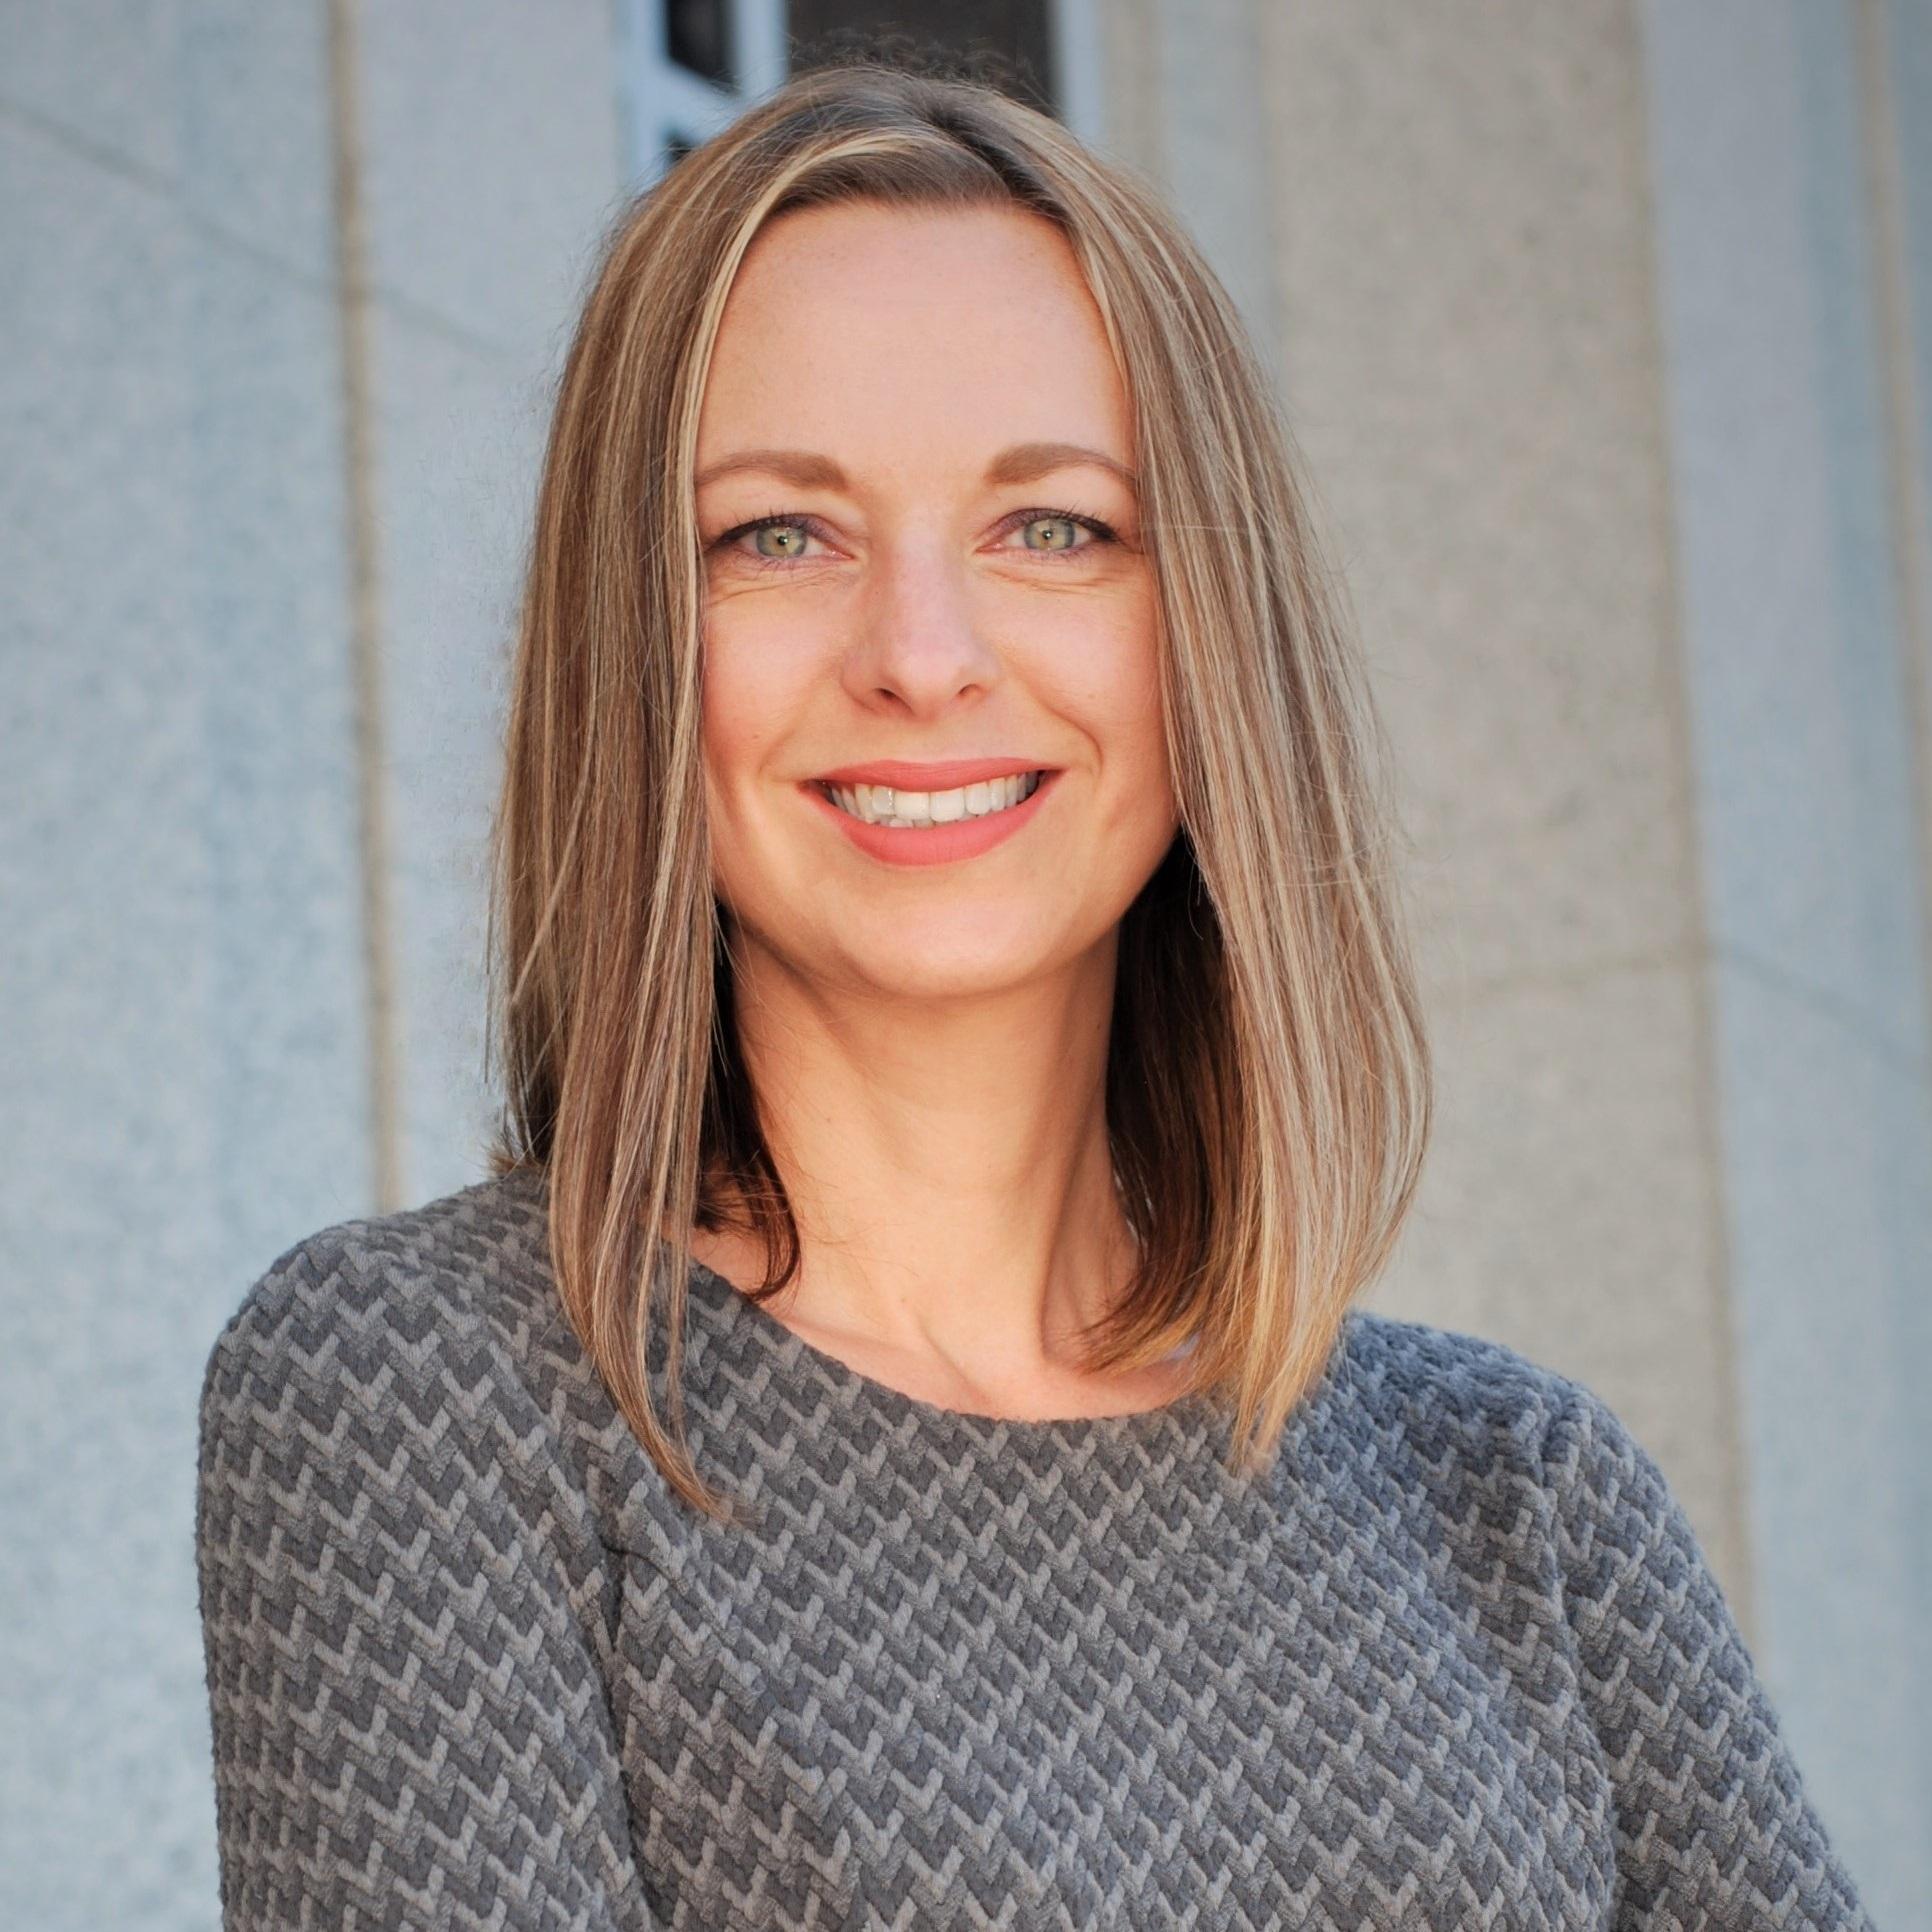 Kelly Jesson